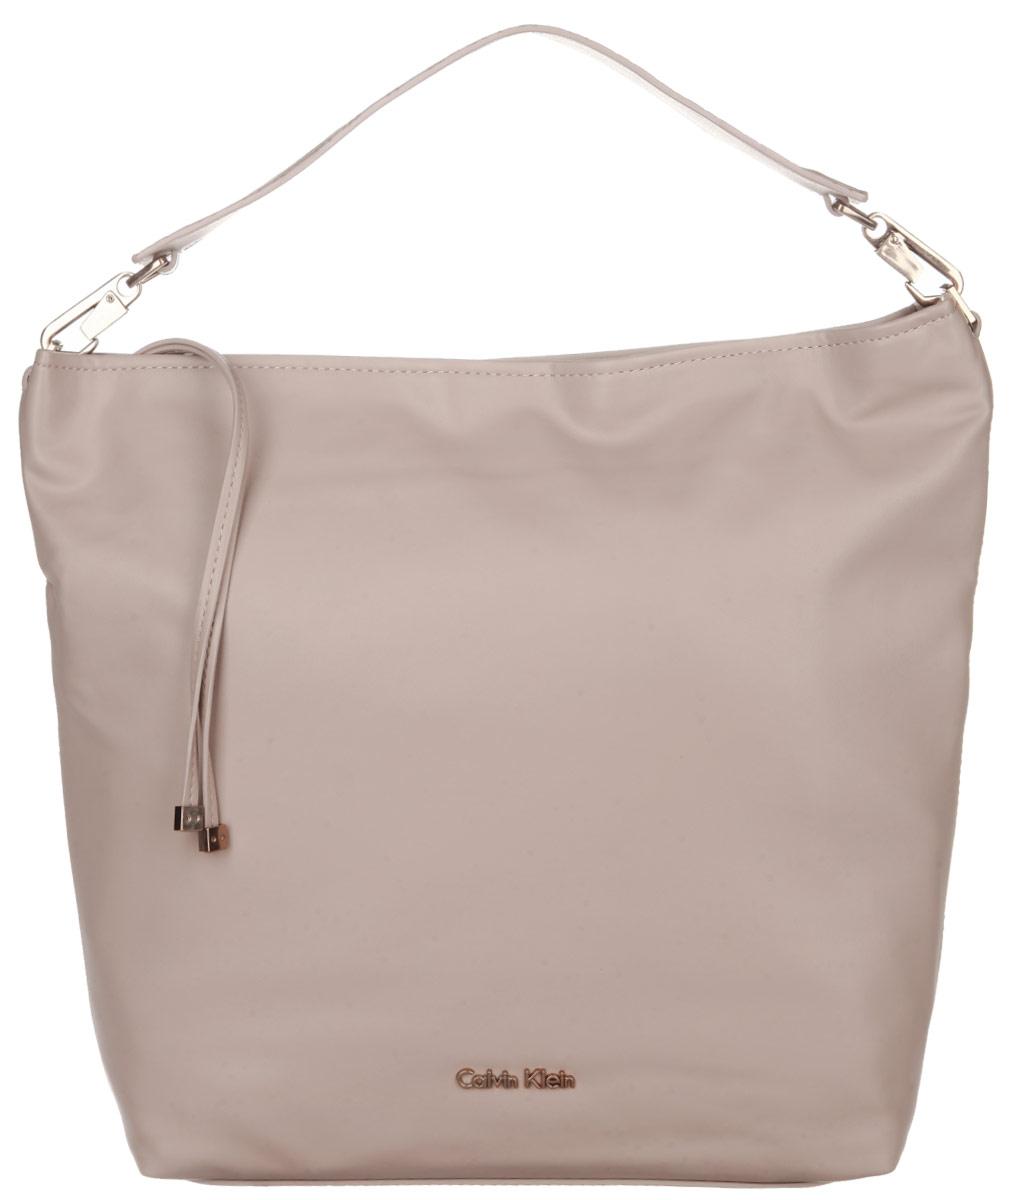 Сумка женская Calvin Klein Jeans, цвет: бежевый. K60K601383K60K601383Стильная сумка женская Calvin Klein выполнена из полиуретана, оформлена металлической фурнитурой с символикой бренда. Изделие содержит одно вместительное отделение и закрывается на молнию. Внутри расположены: два накладных кармана и врезной карман на молнии. Сумка оснащена съемной широкой лямкой для переноски. Оригинальный аксессуар от Calvin Klein Jeans позволит вам завершить образ и быть неотразимой.